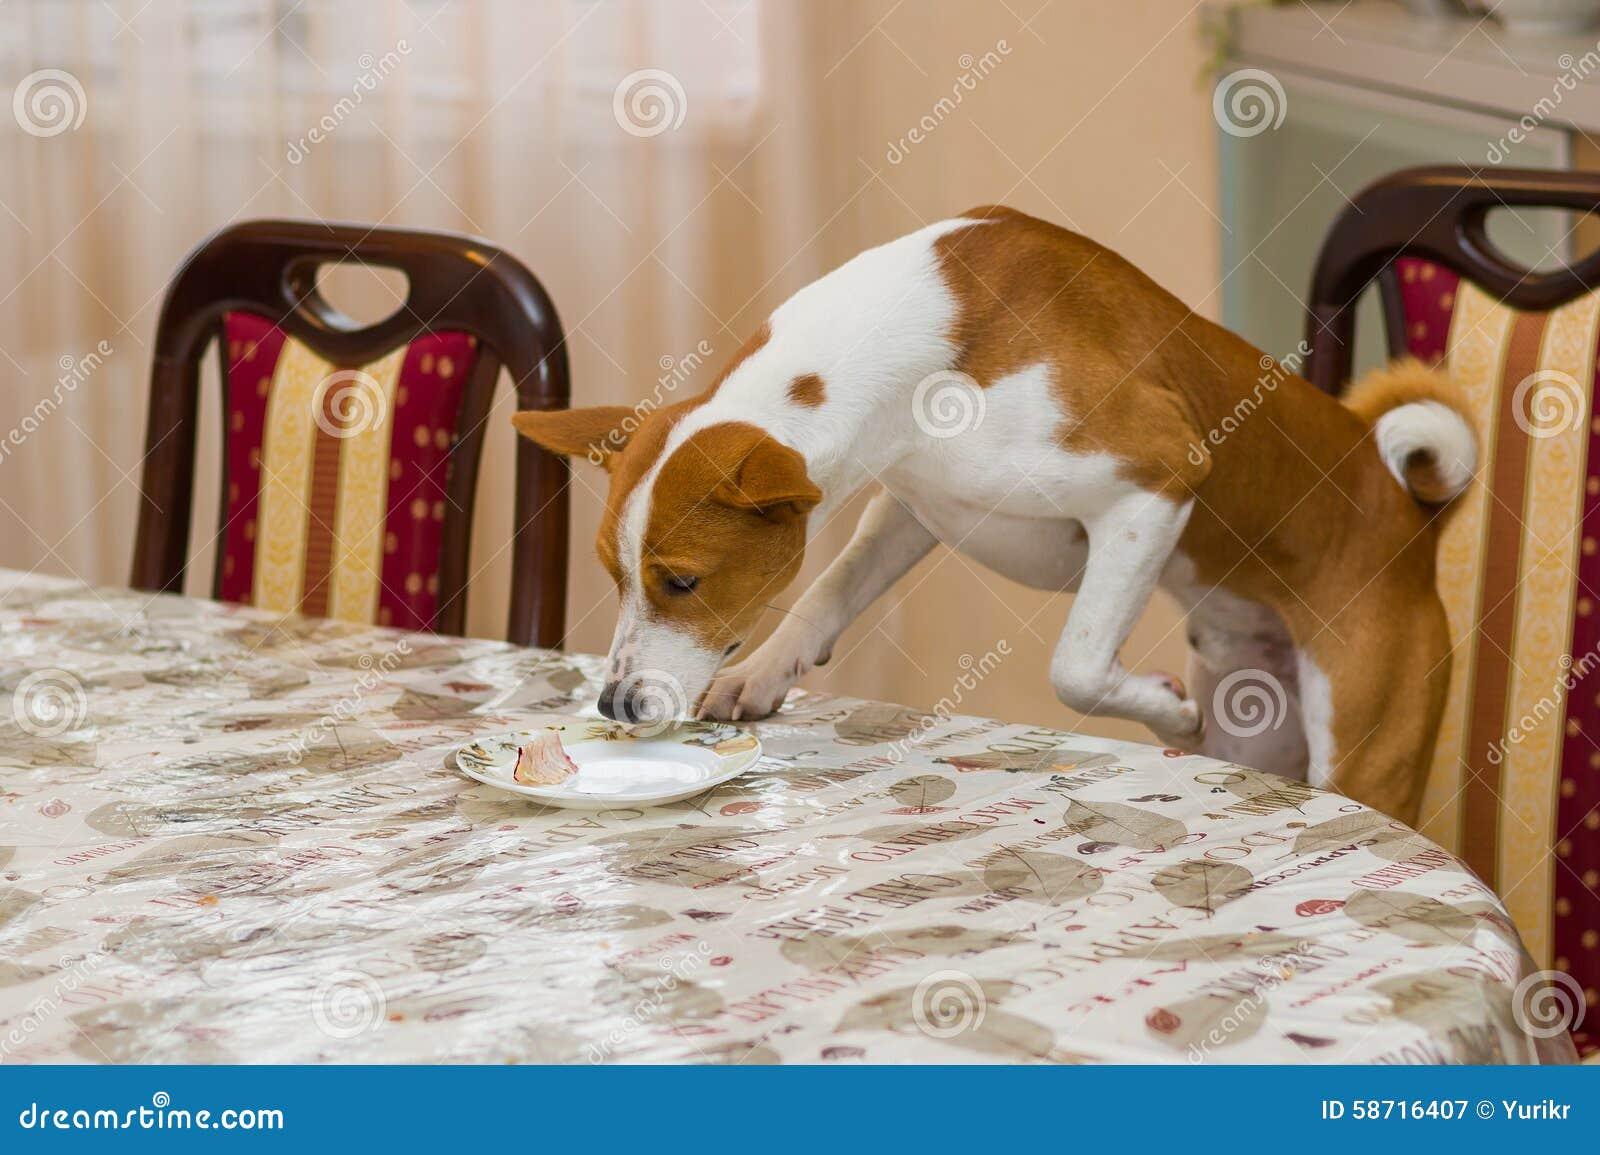 Belopp för Basenji hundstyrning av rester på en matställetabell